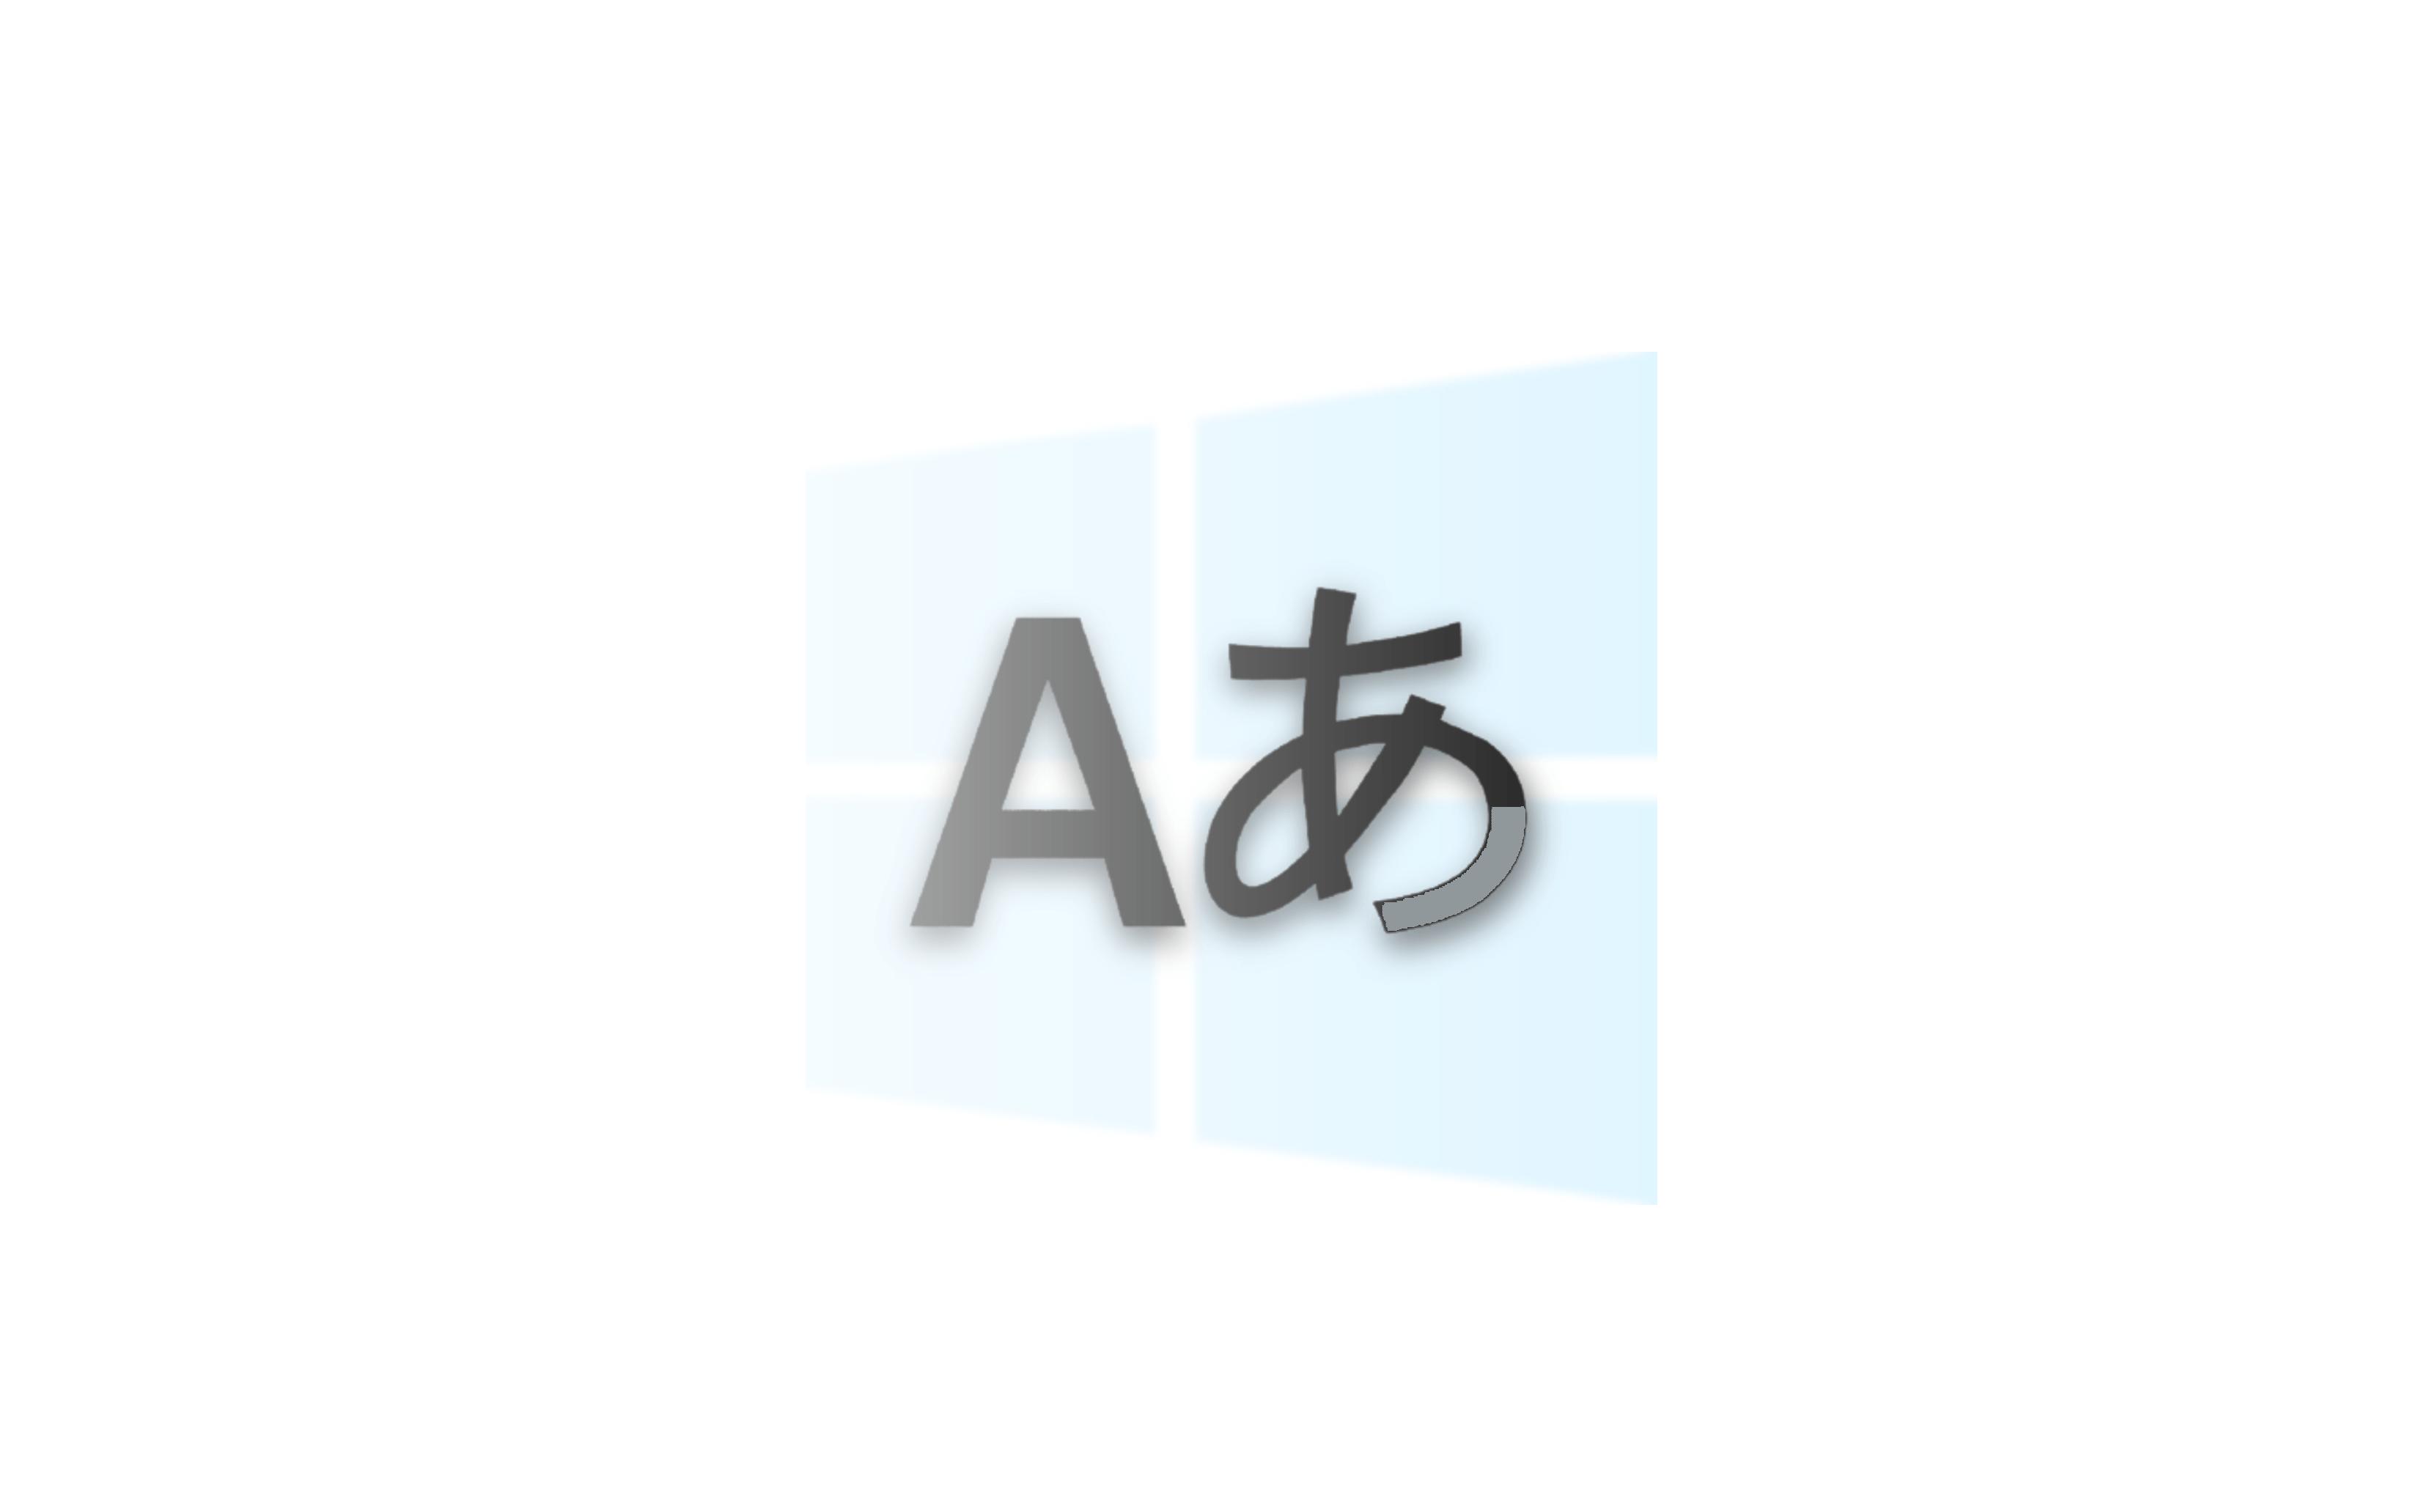 윈도우 로고와 일본어 입력기